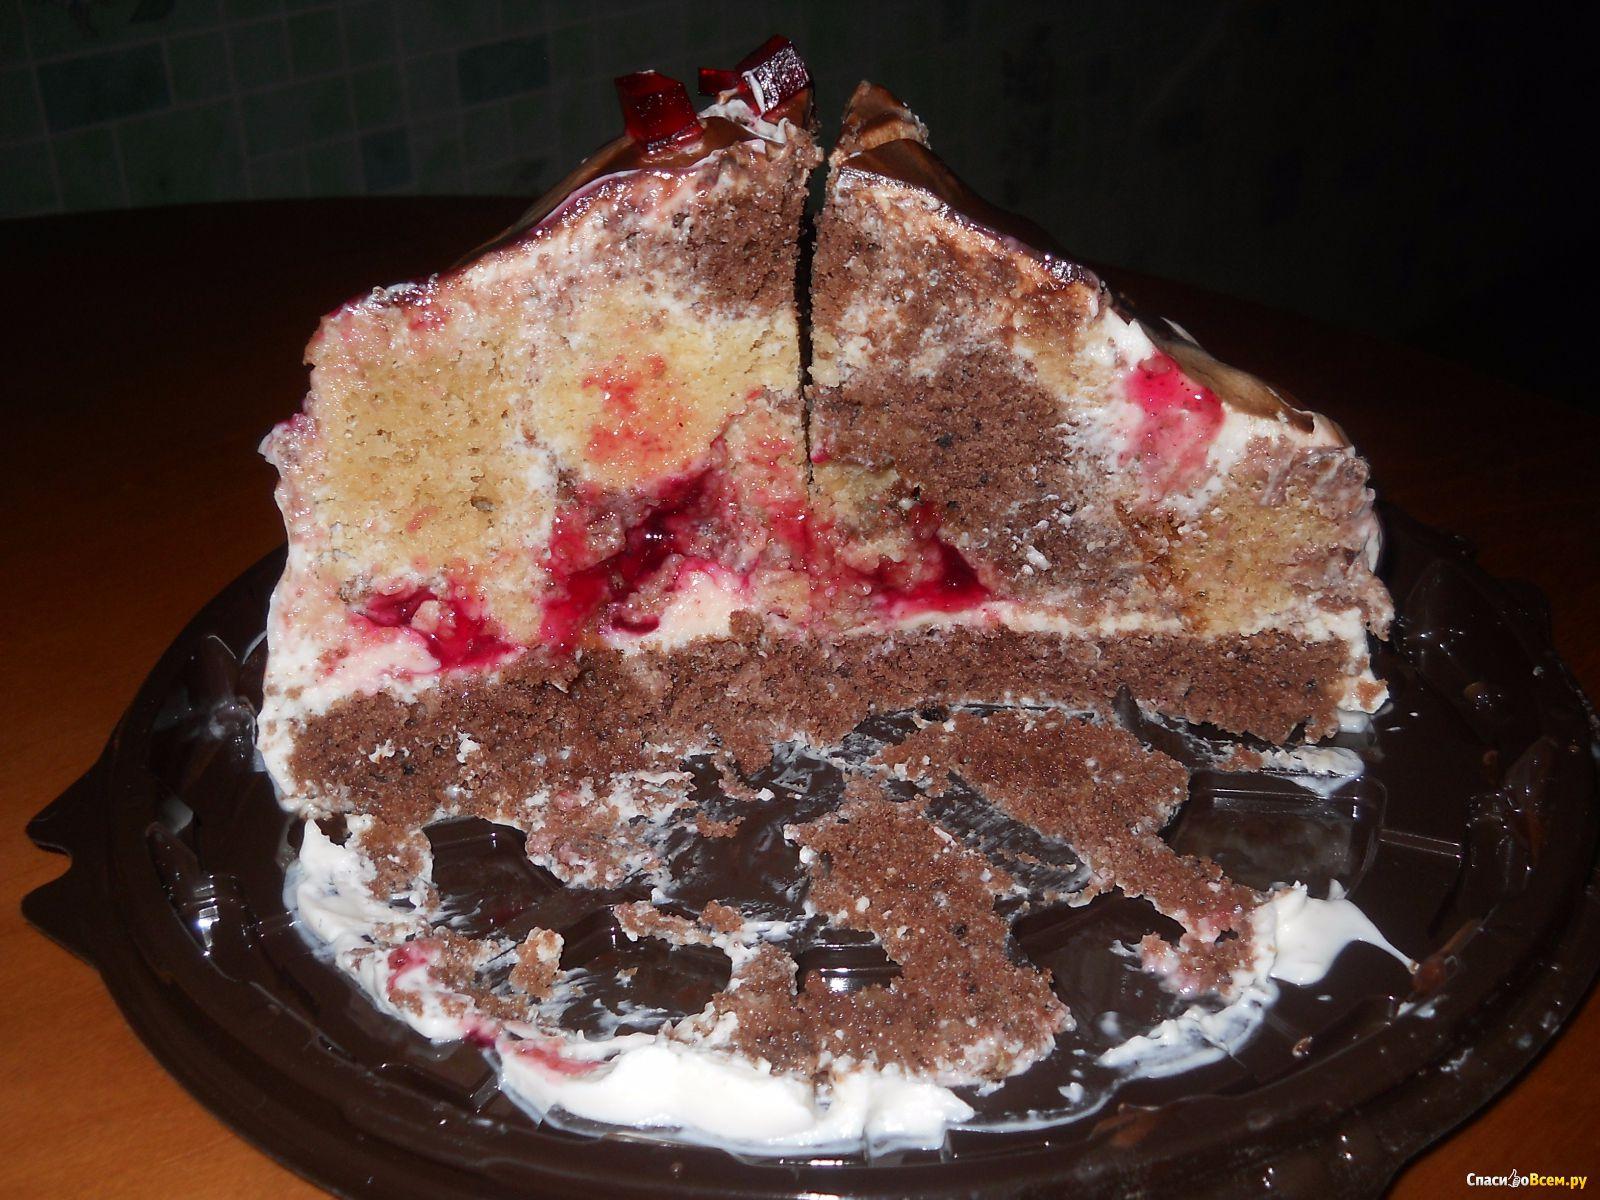 Торт санчо панчо классический рецепт пошагово с